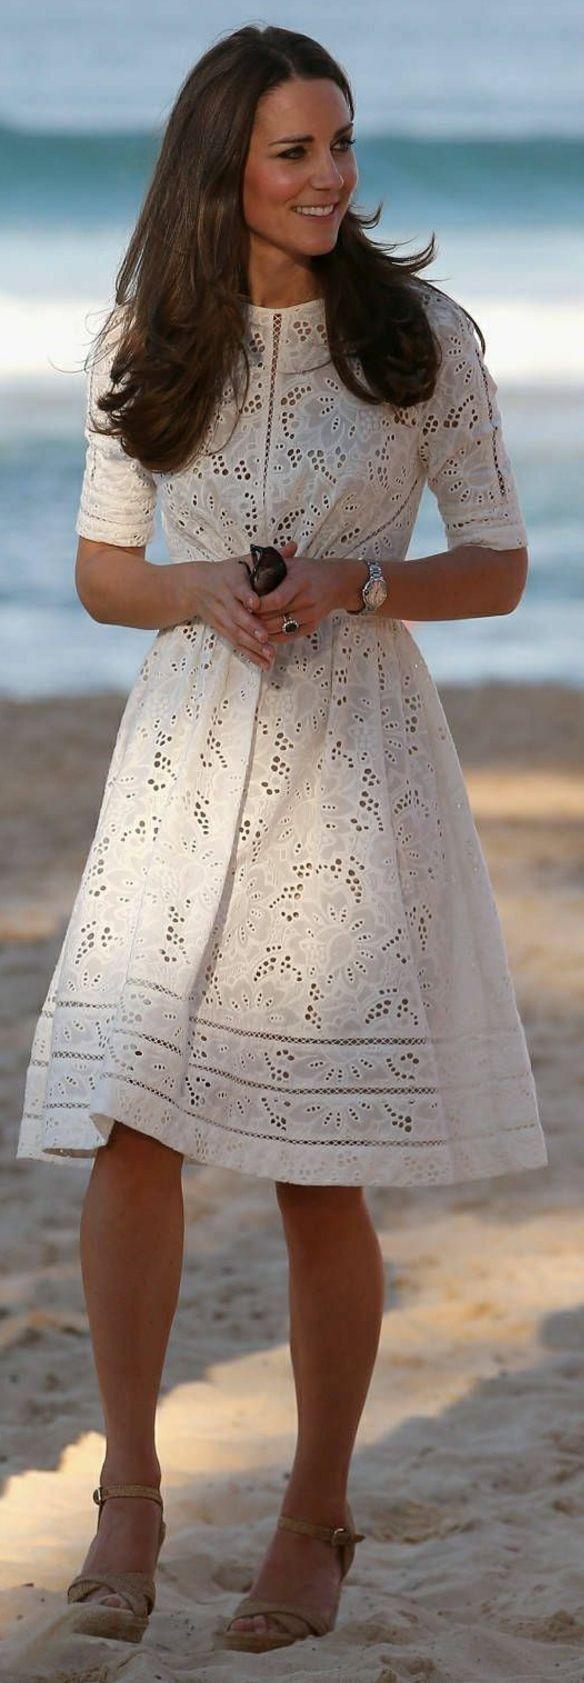 #boho #fashion #spring #outfitideas | Kate Middleton White Chic Boho Dress